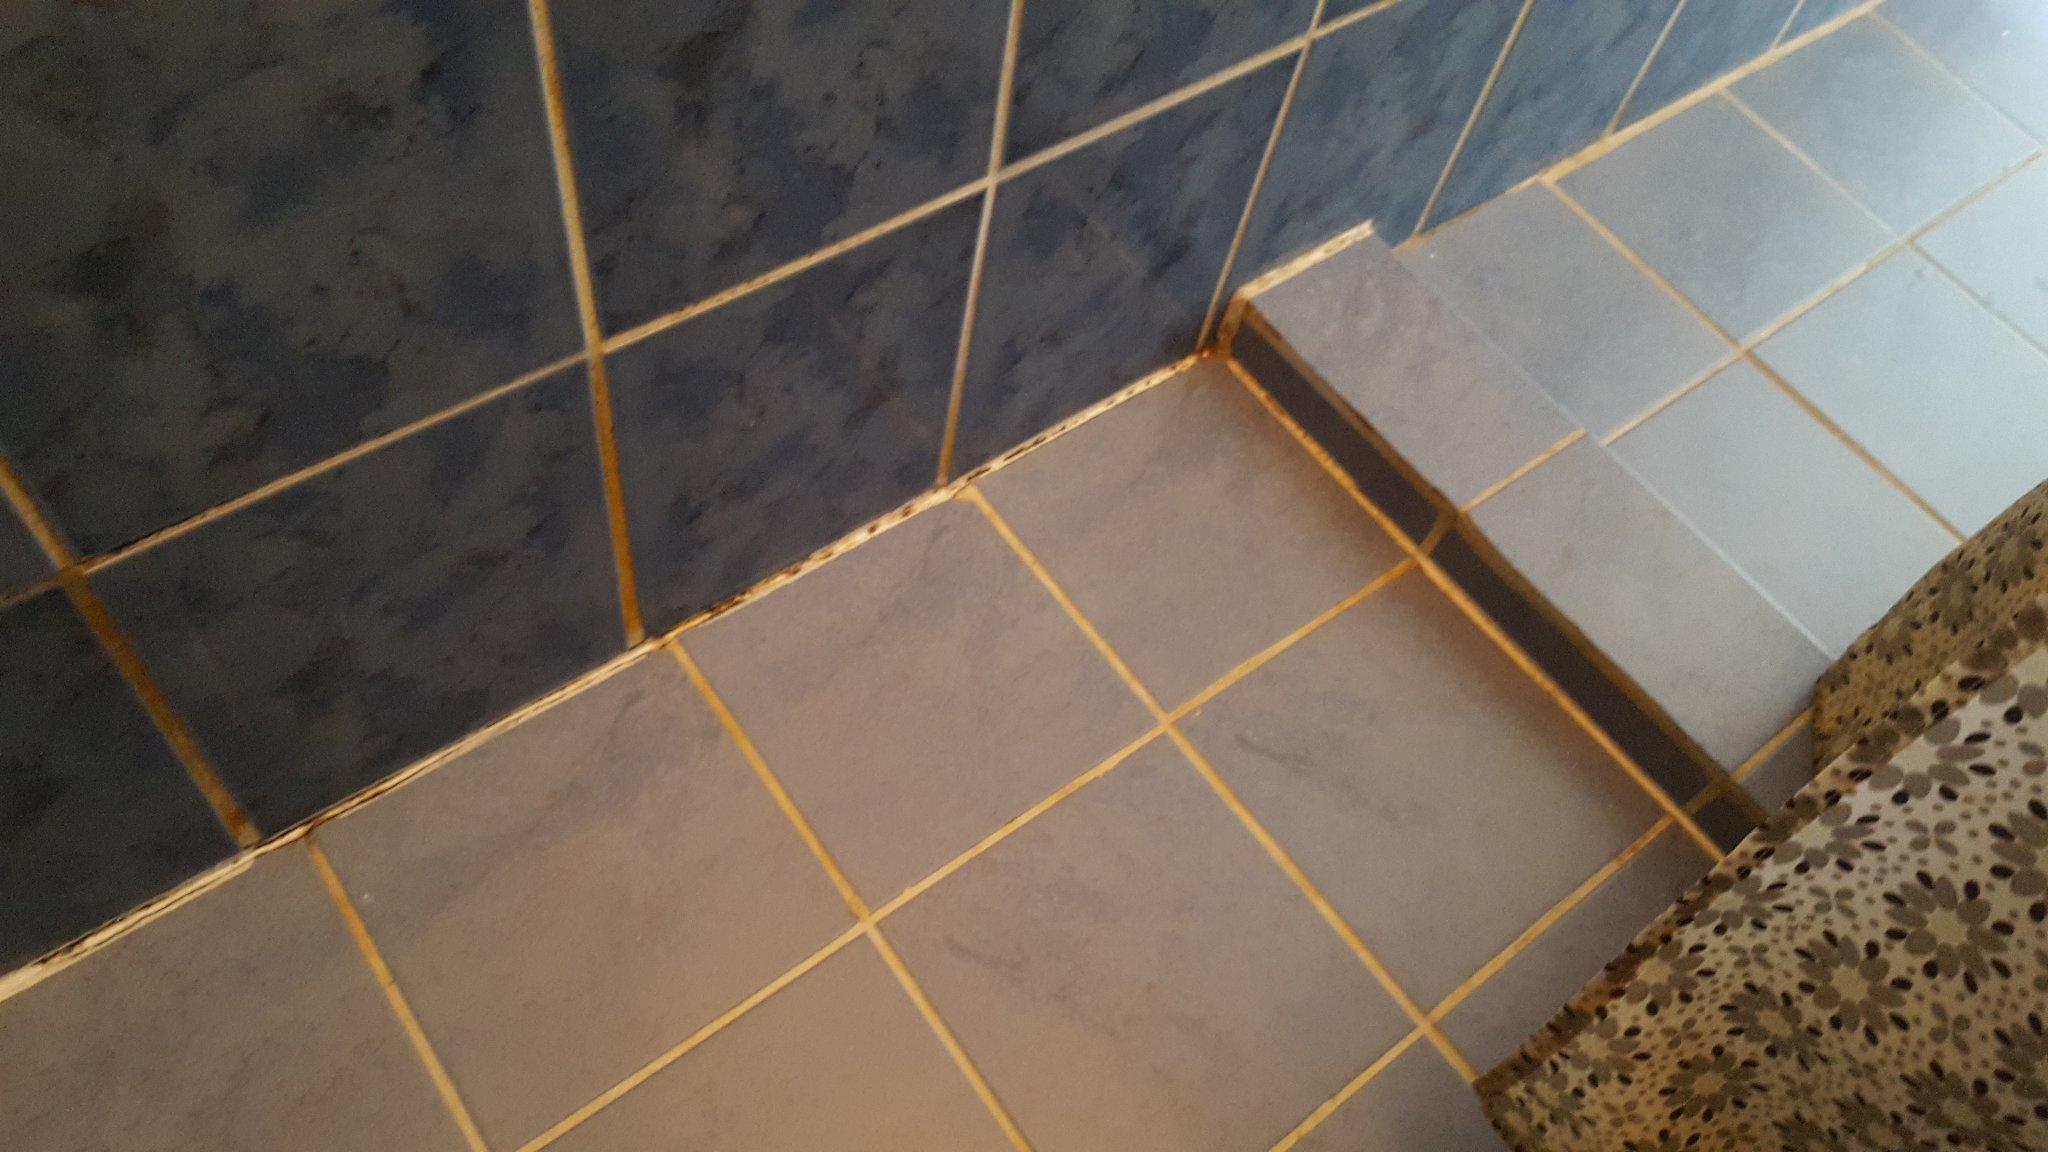 Kit Verwijderen Badkamer : Tips voor het aanbrengen van siliconenkit bouwsuper